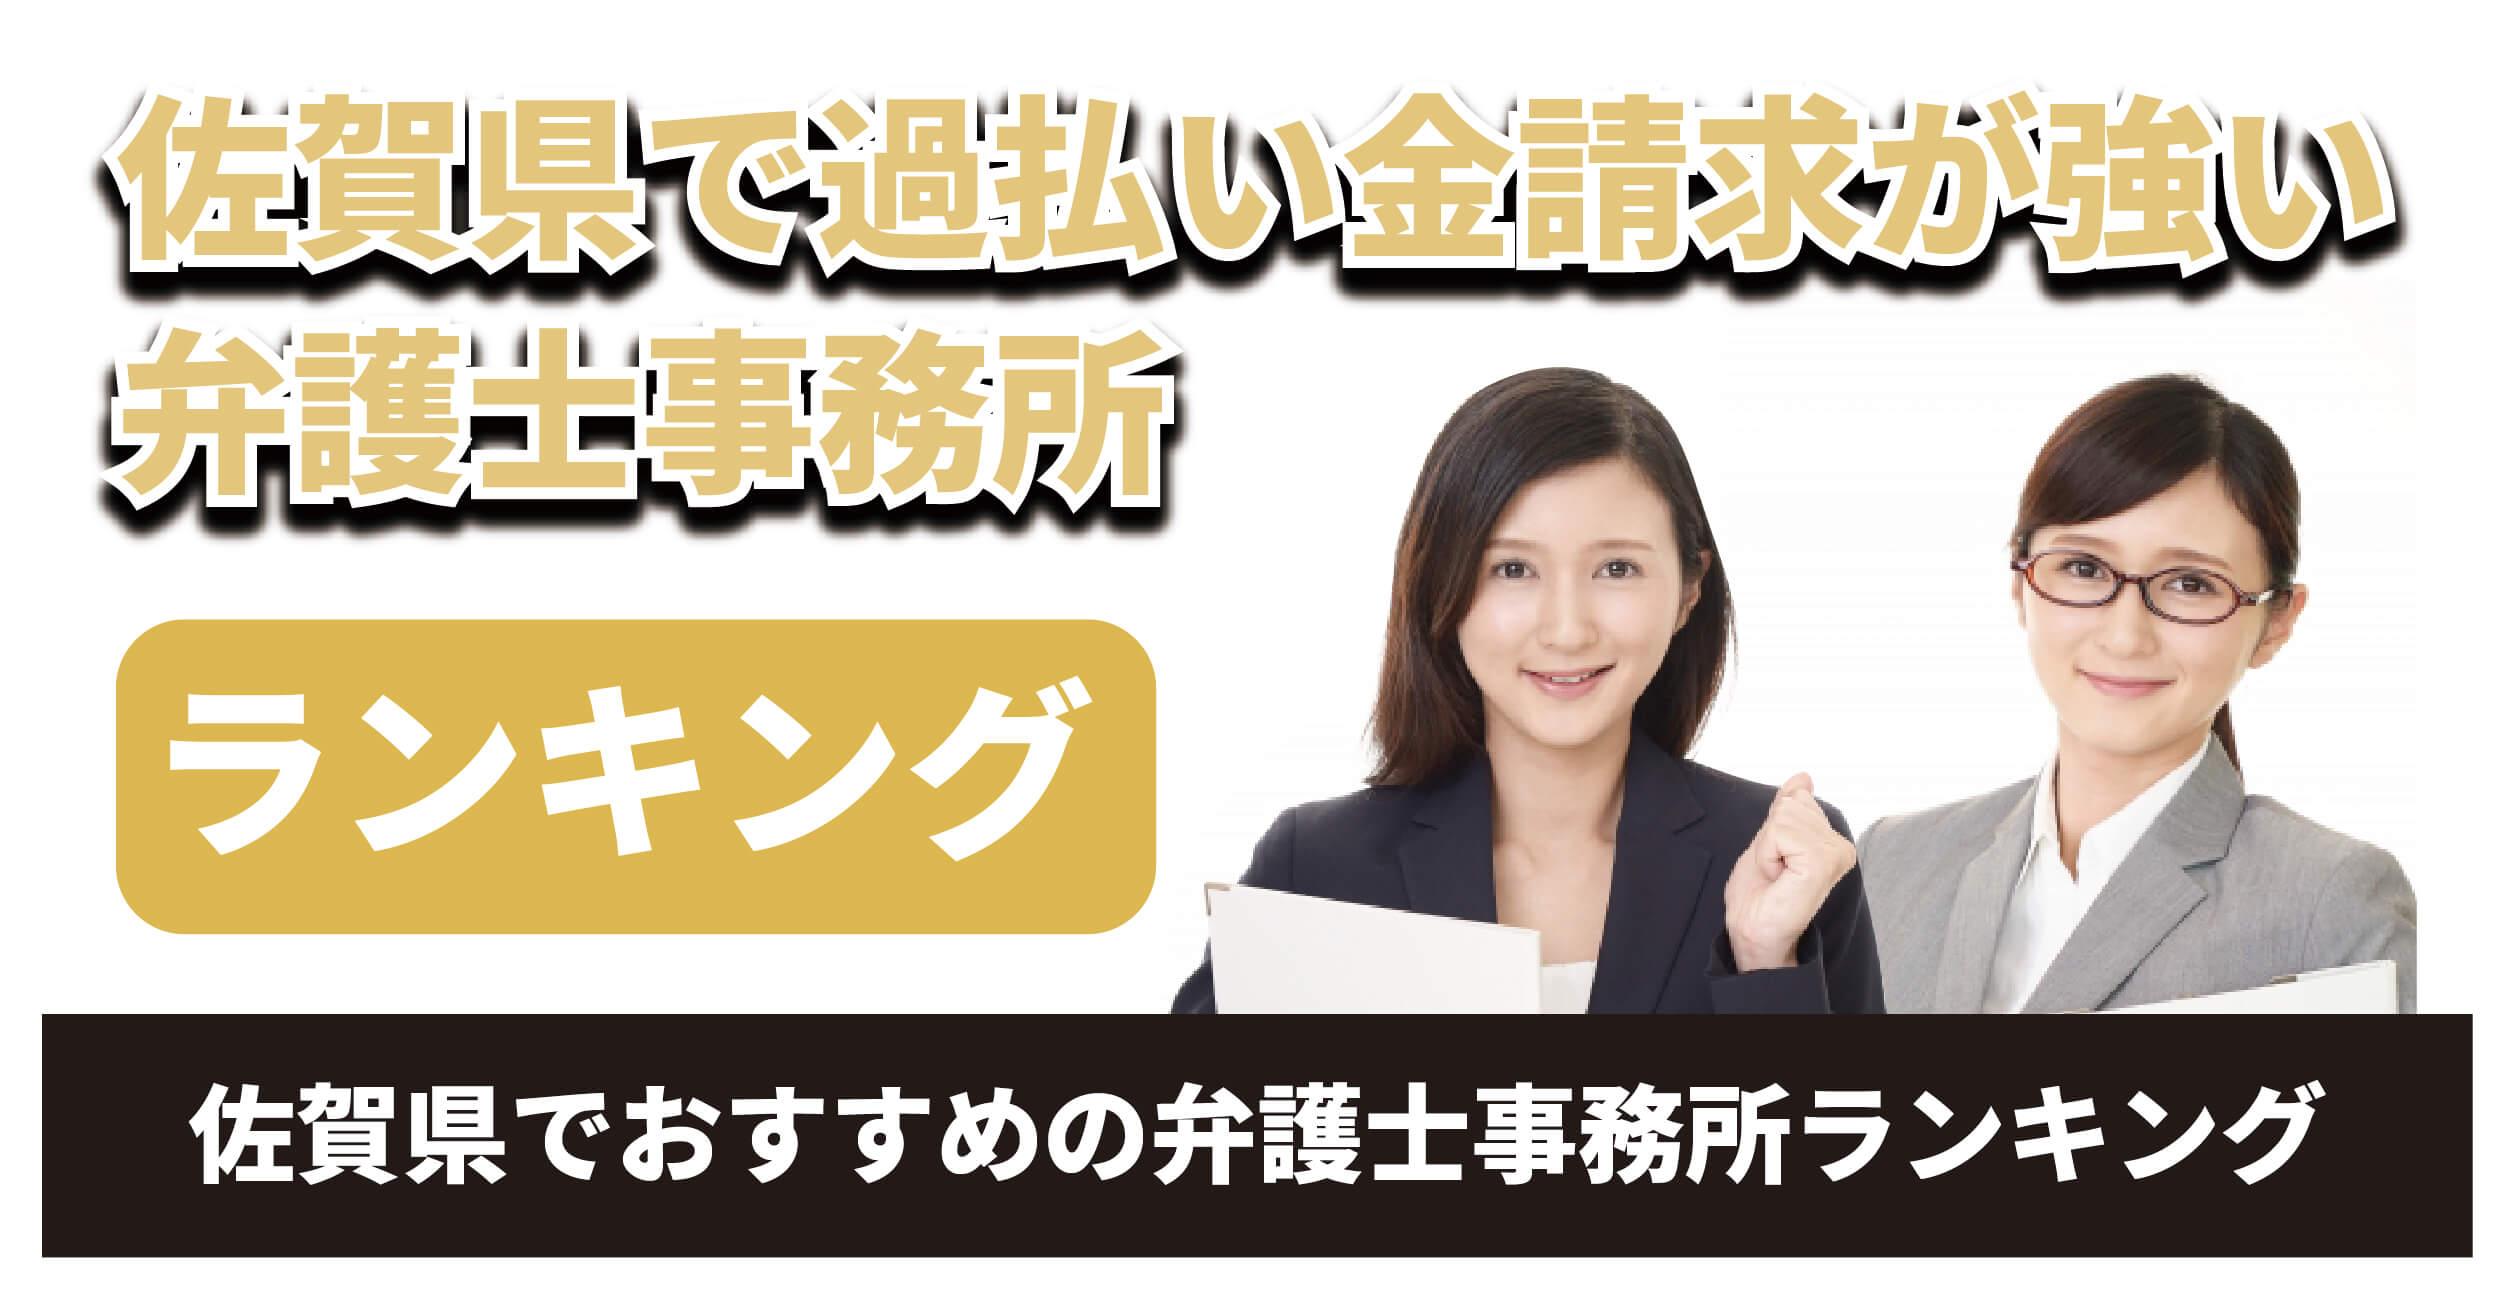 佐賀県で過払い金請求が強い弁護士は?